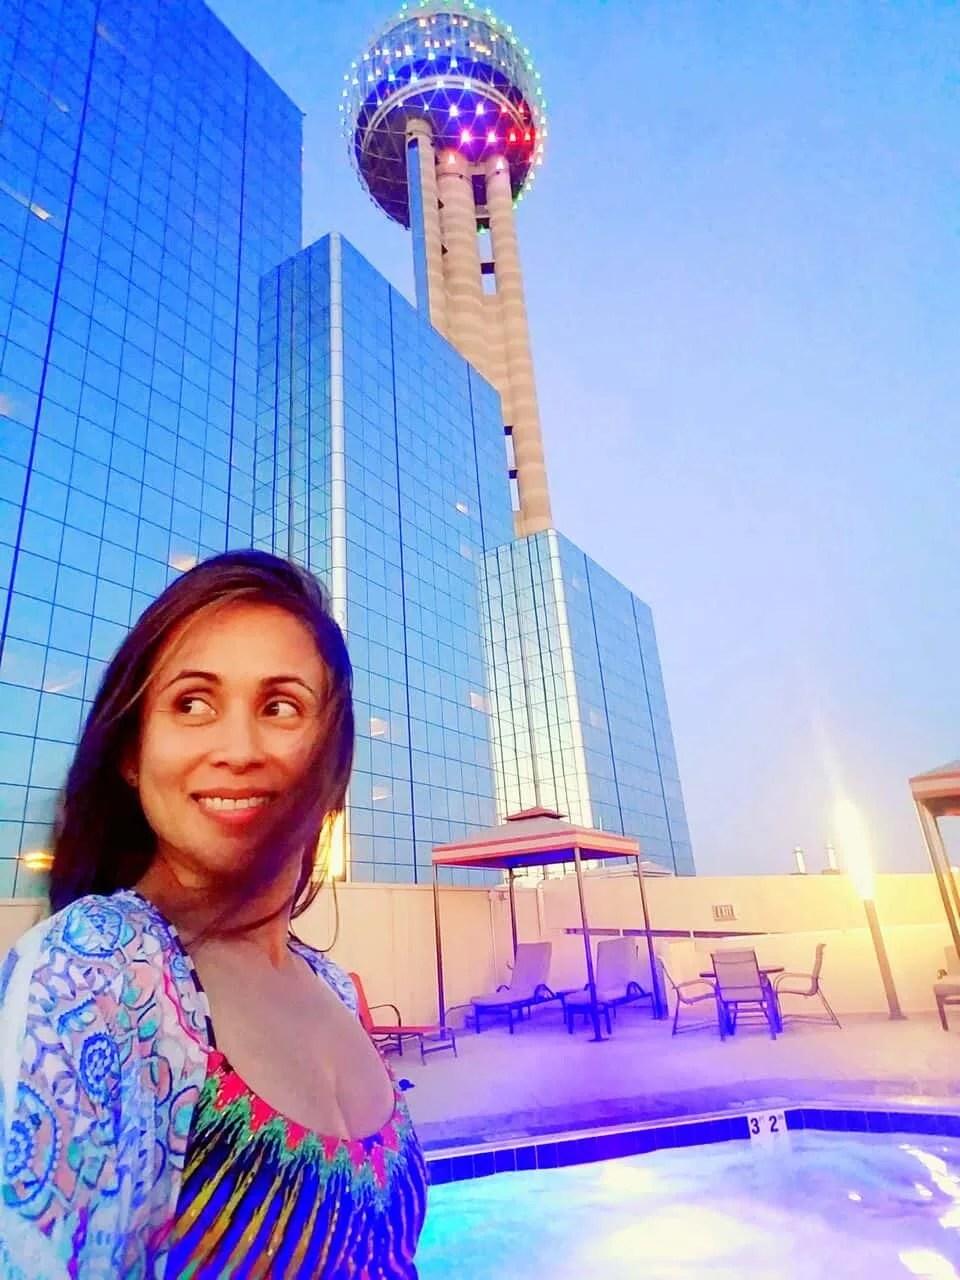 Reunion Tower Dallas